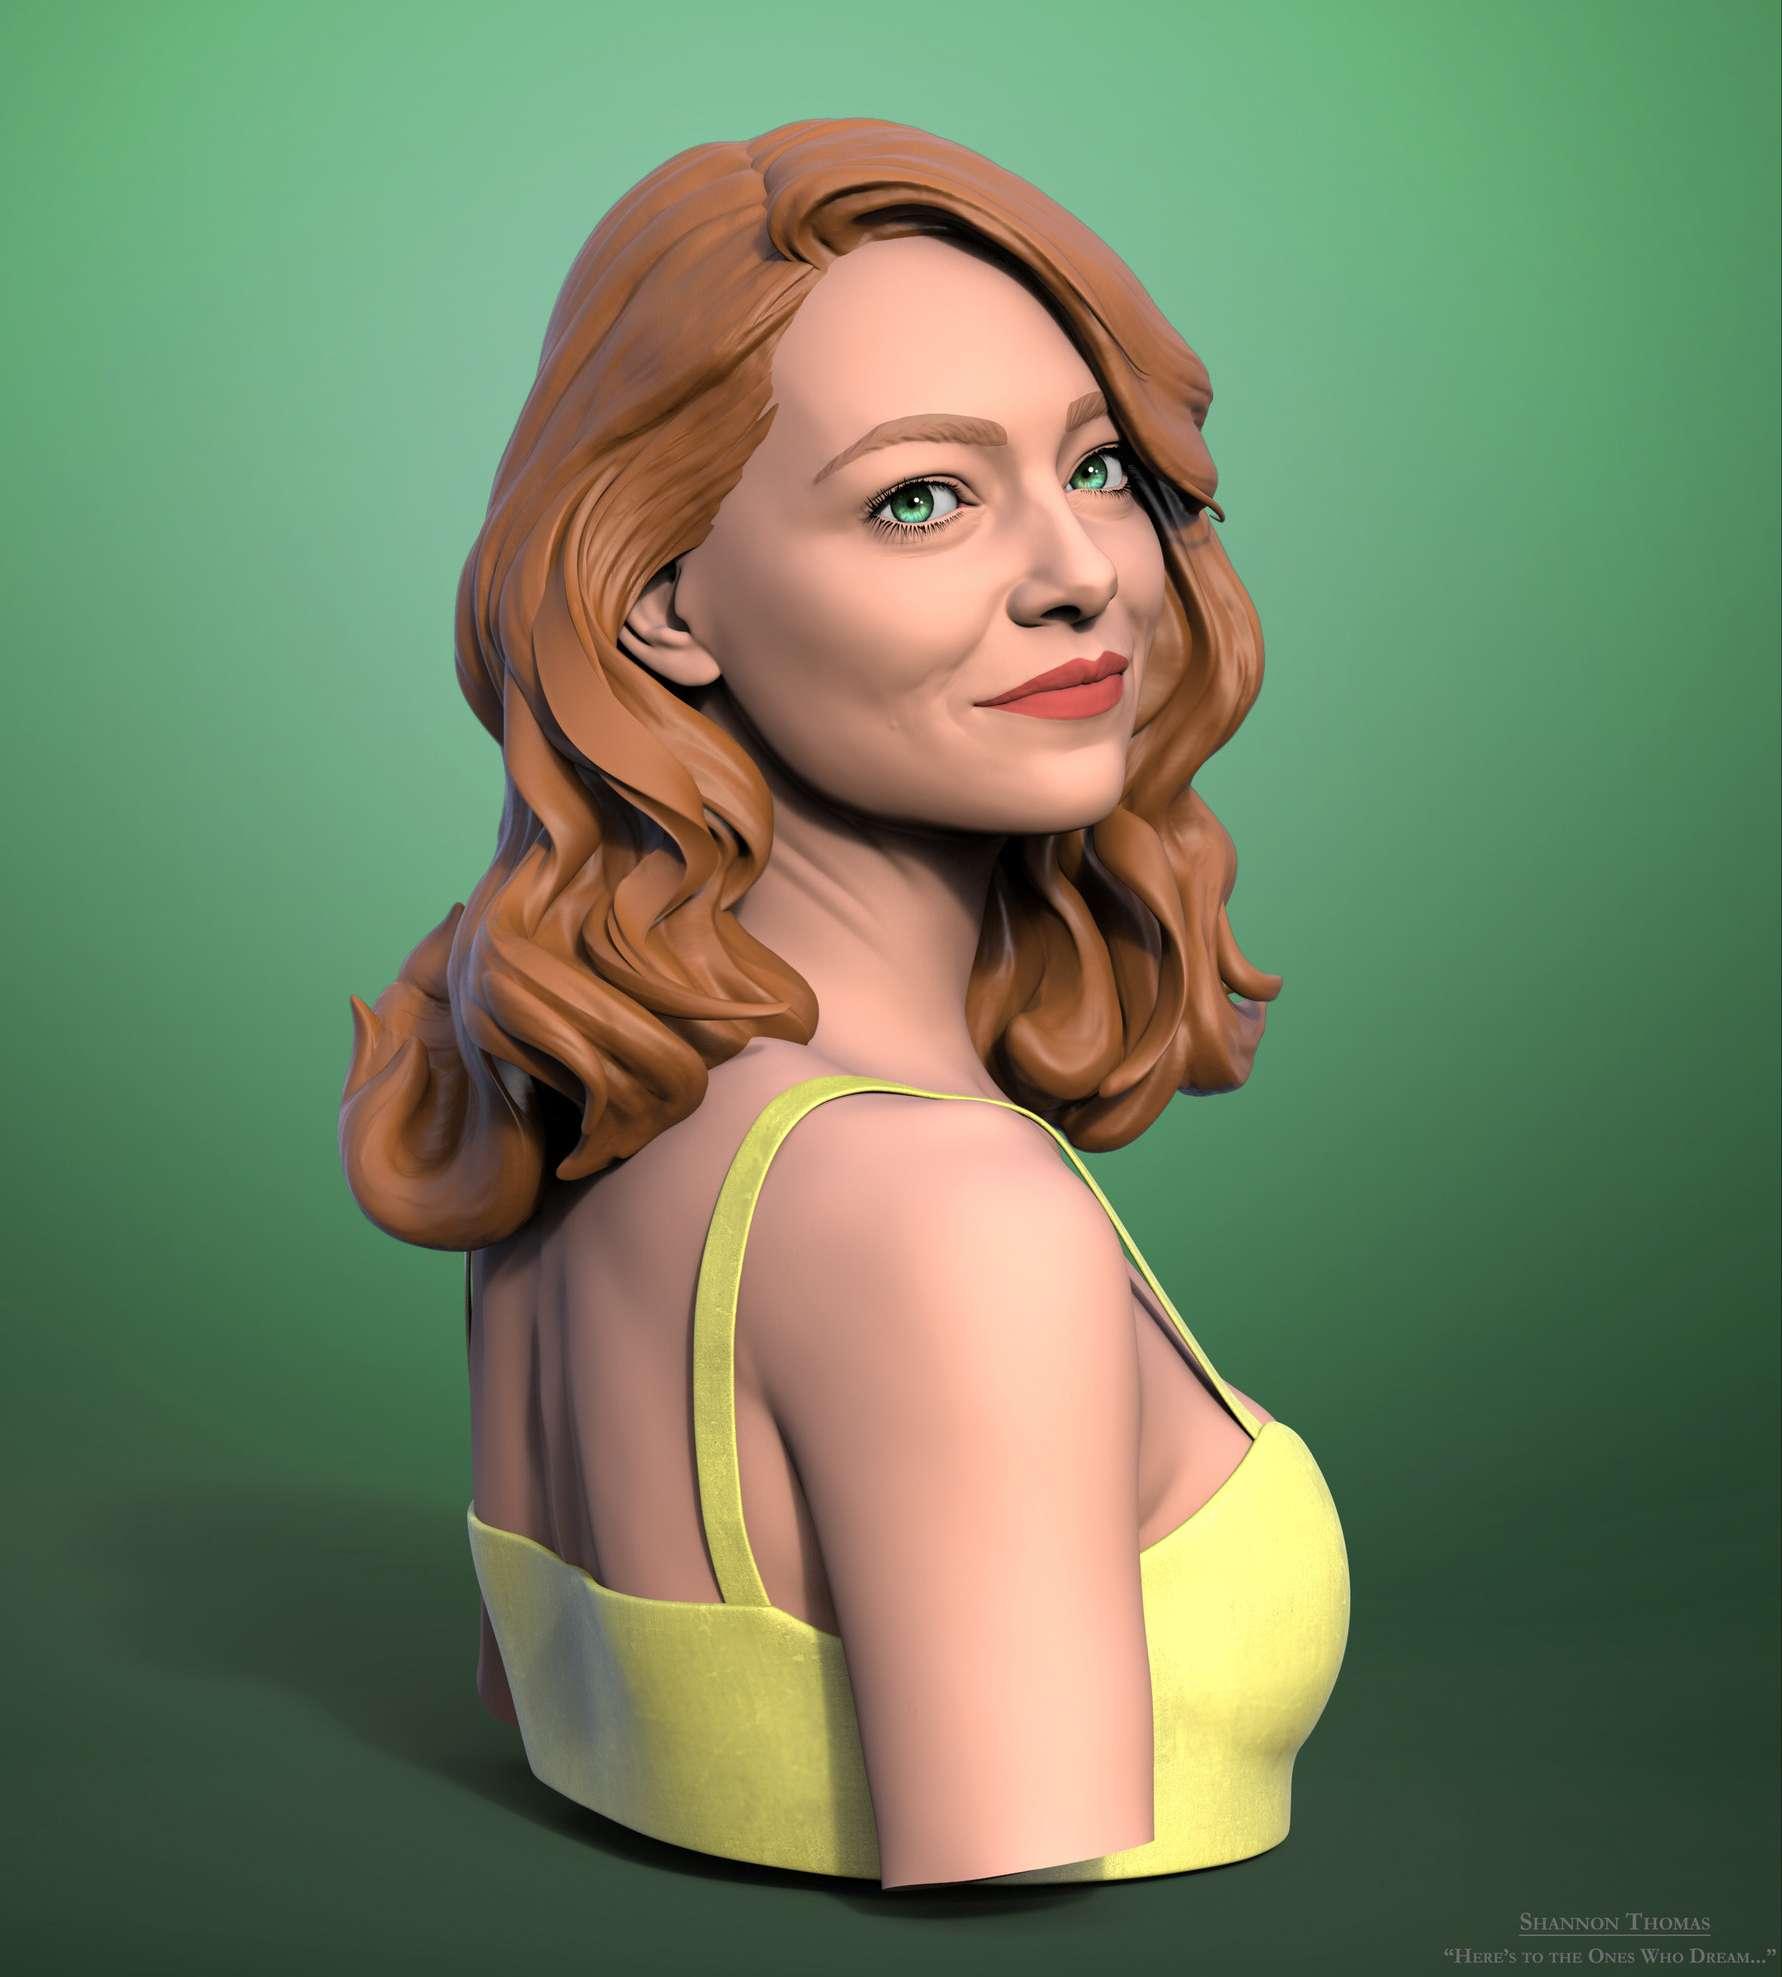 Моделювання персонажів для анімації з Shannon Thomas. Частина 1